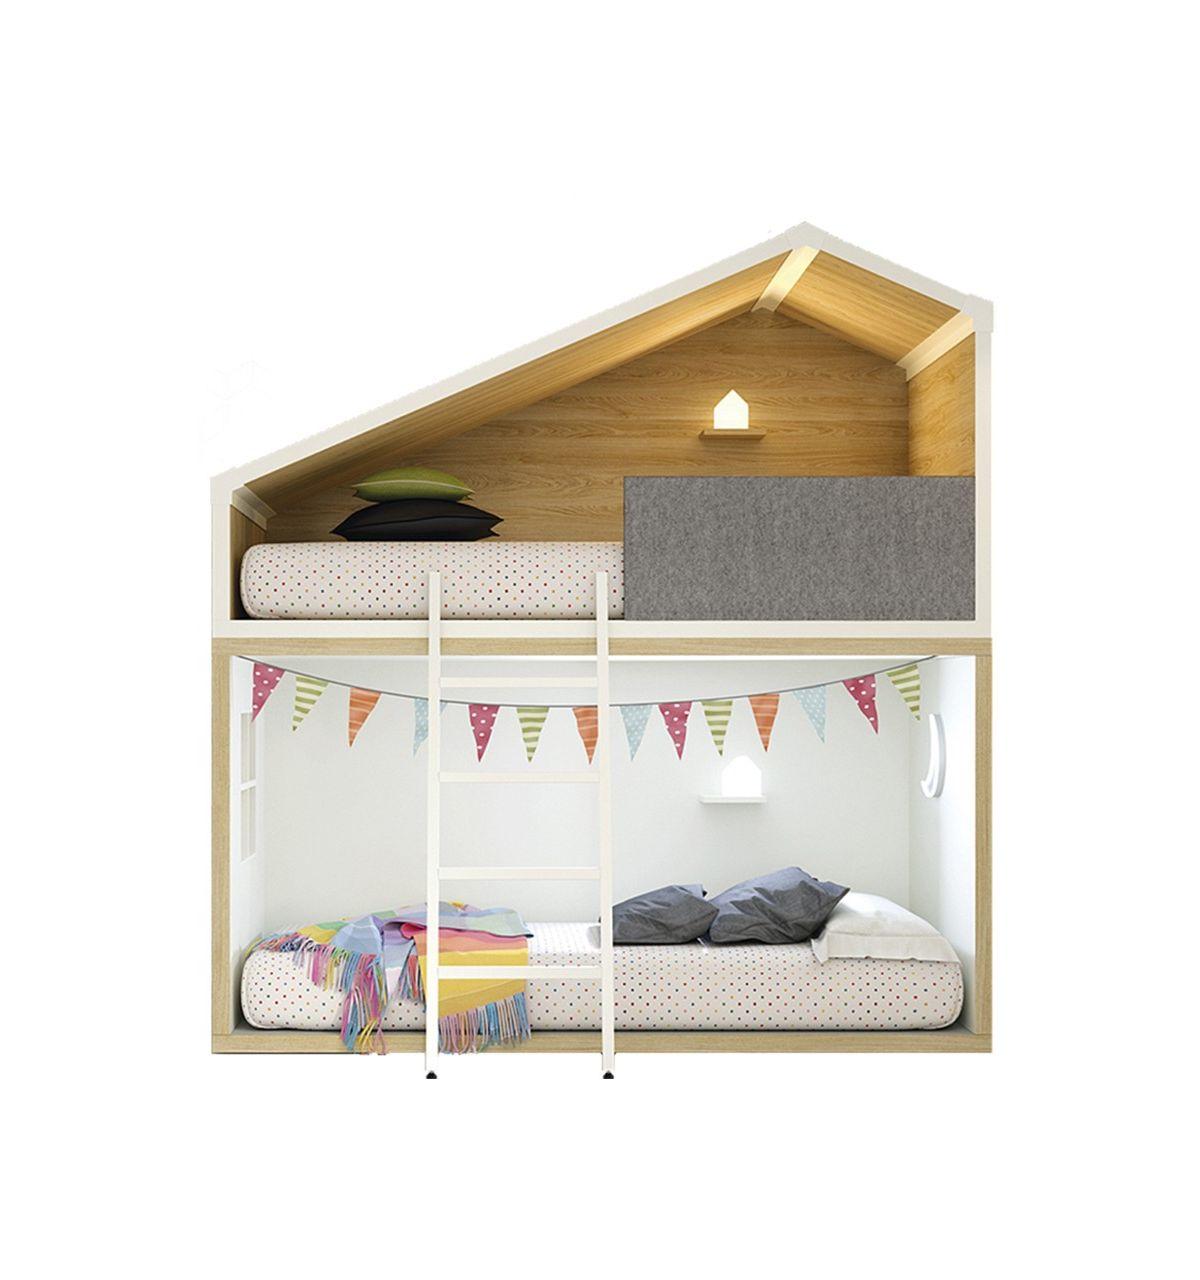 Lagrama letto a castello a forma di casetta cottage bianco naturale - Letto a castello bianco ...